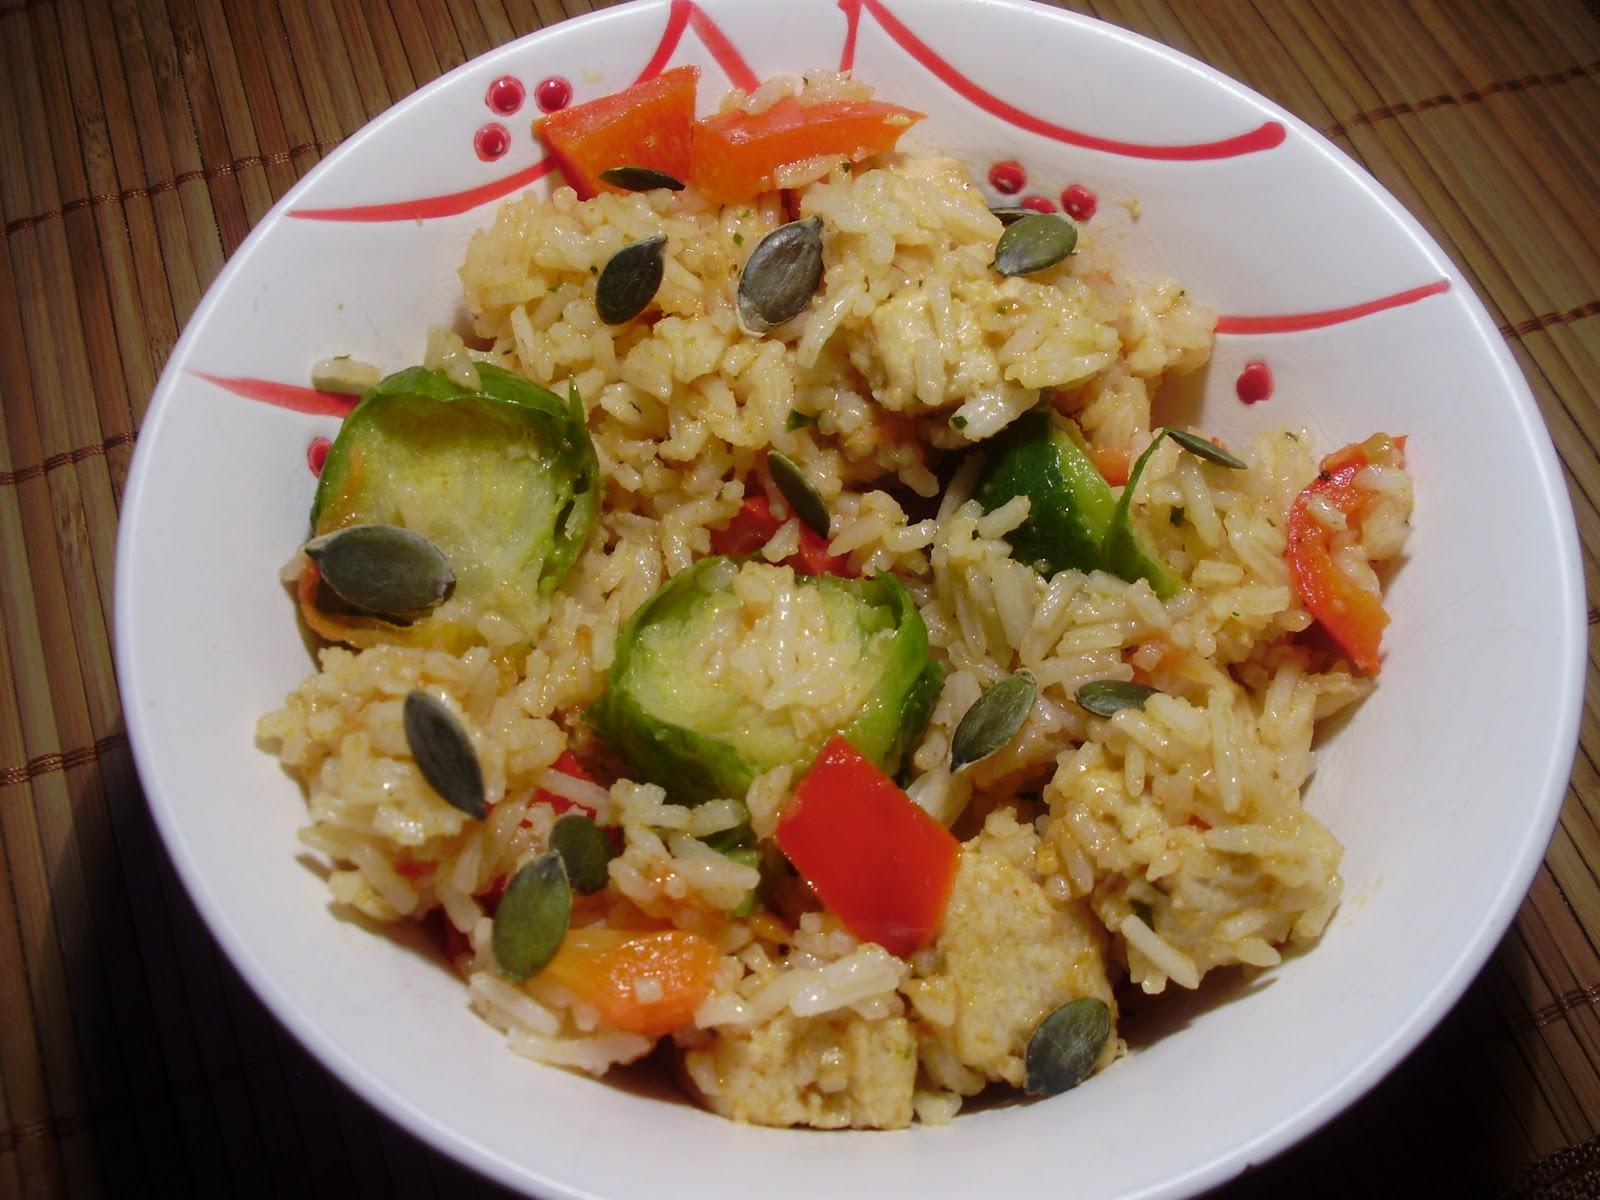 Chilli powder arroz con coles de bruselas al estilo marroqu - Como cocinar coles de bruselas ...